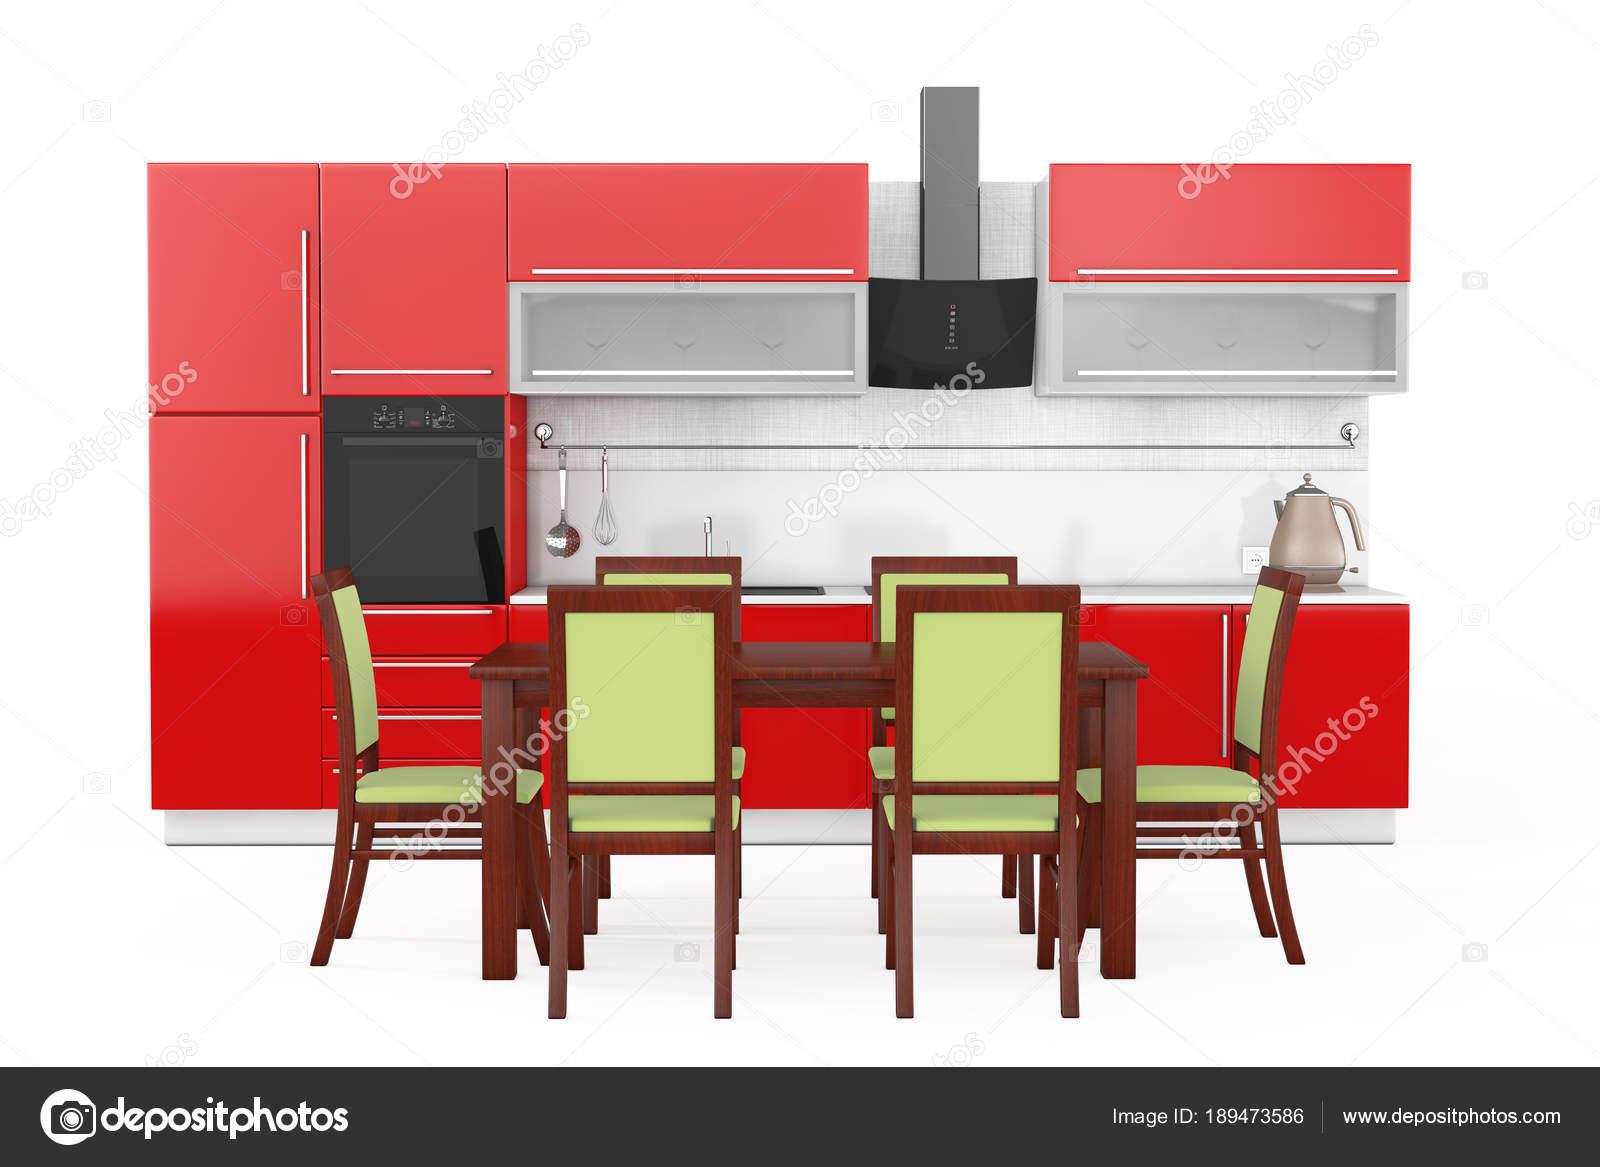 Mesa y sillas frente rojo cocina muebles modernos con K — Fotos de ...